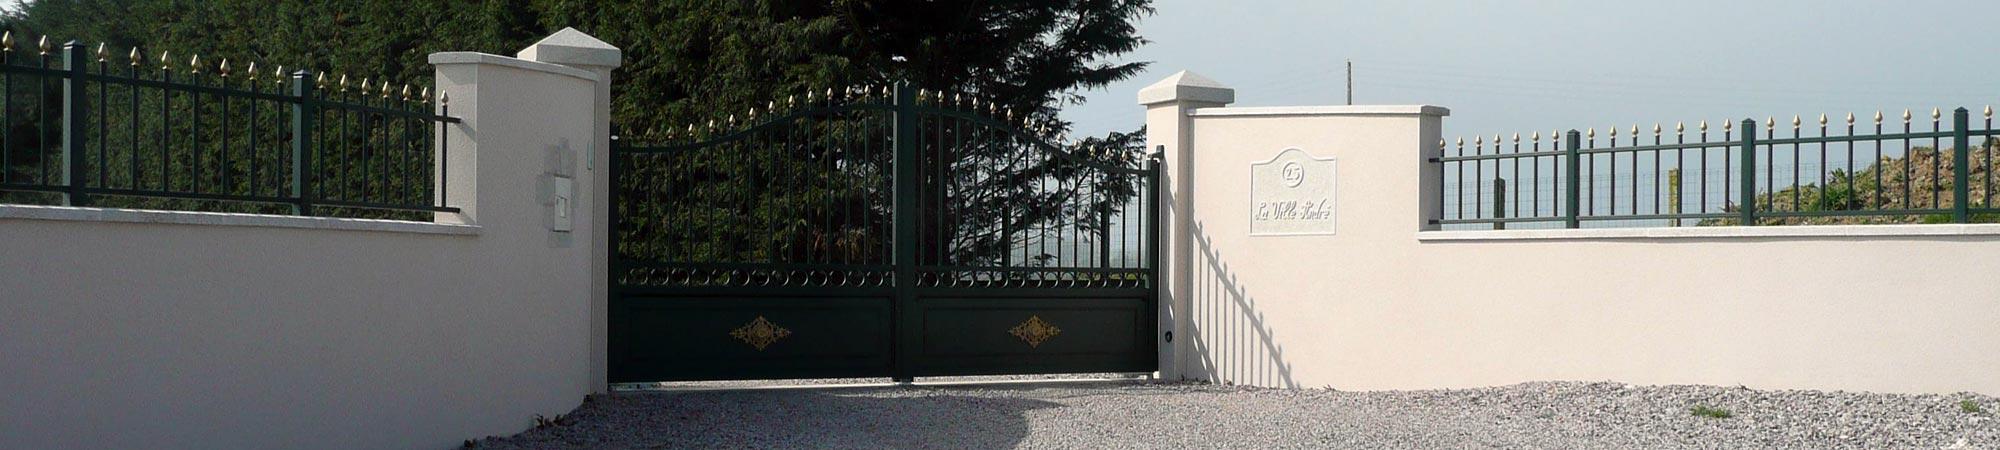 Pose De Cloture Ille Et Vilaine menuiseries extérieures | fenêtre porte volet portail